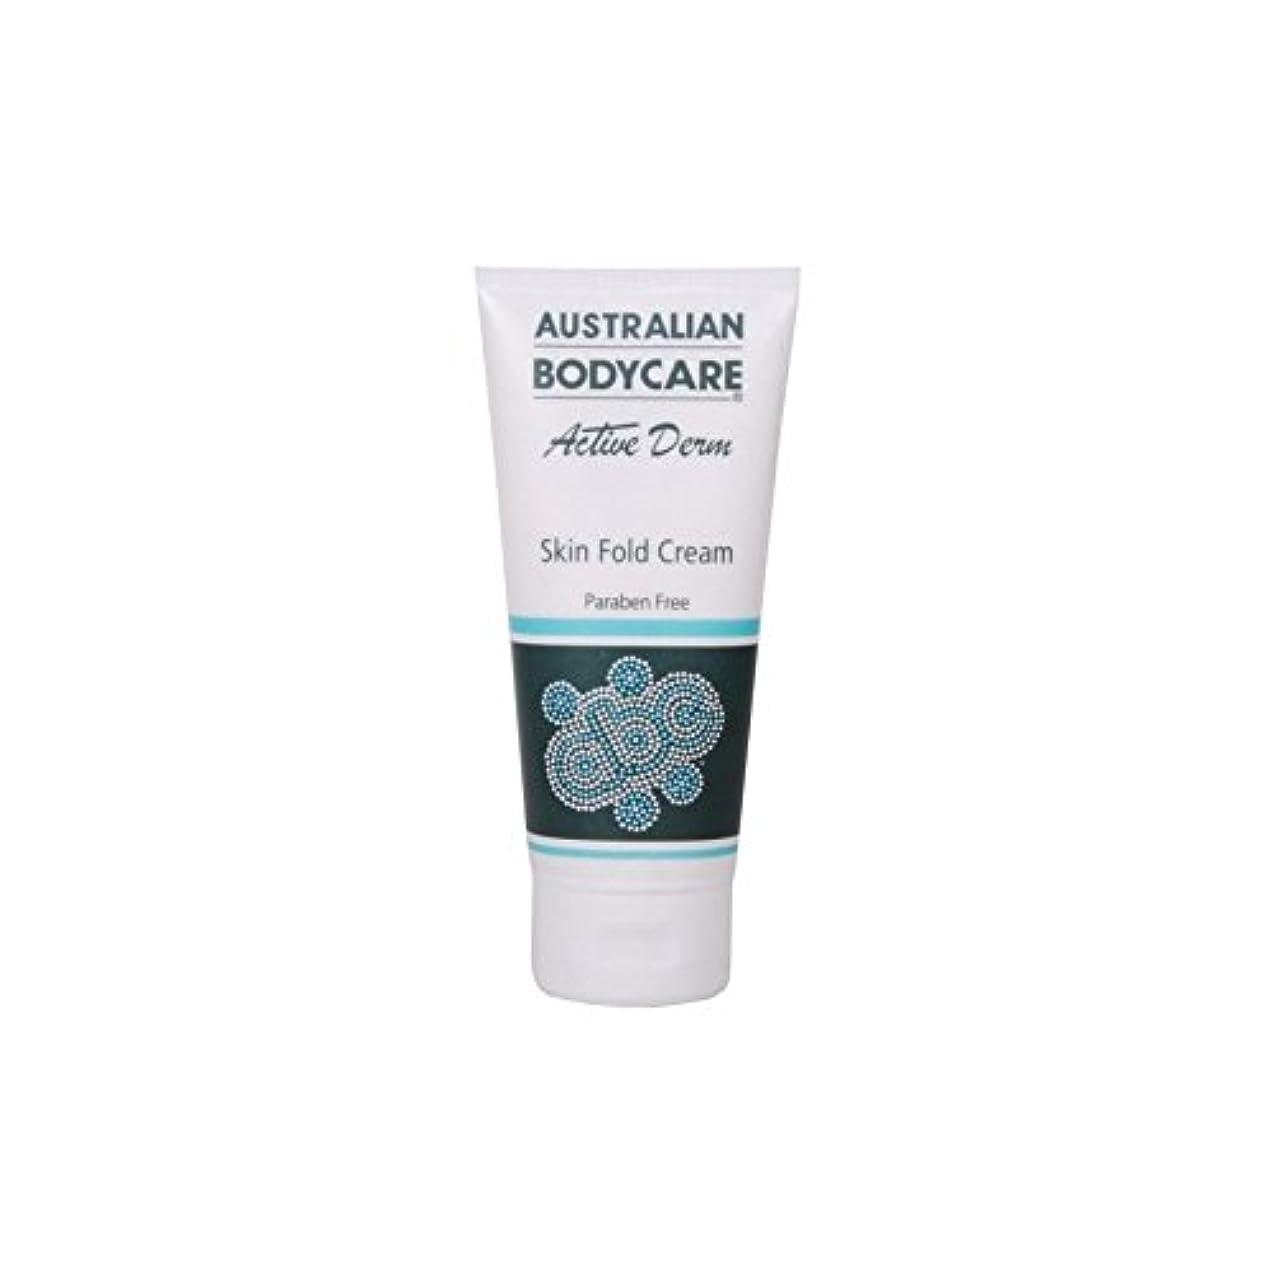 あたり受取人ジャニスオーストラリアのボディケアアクティブダーム皮膚のひだクリーム(100ミリリットル) x2 - Australian Bodycare Active Derm Skin Fold Cream (100ml) (Pack of 2) [並行輸入品]